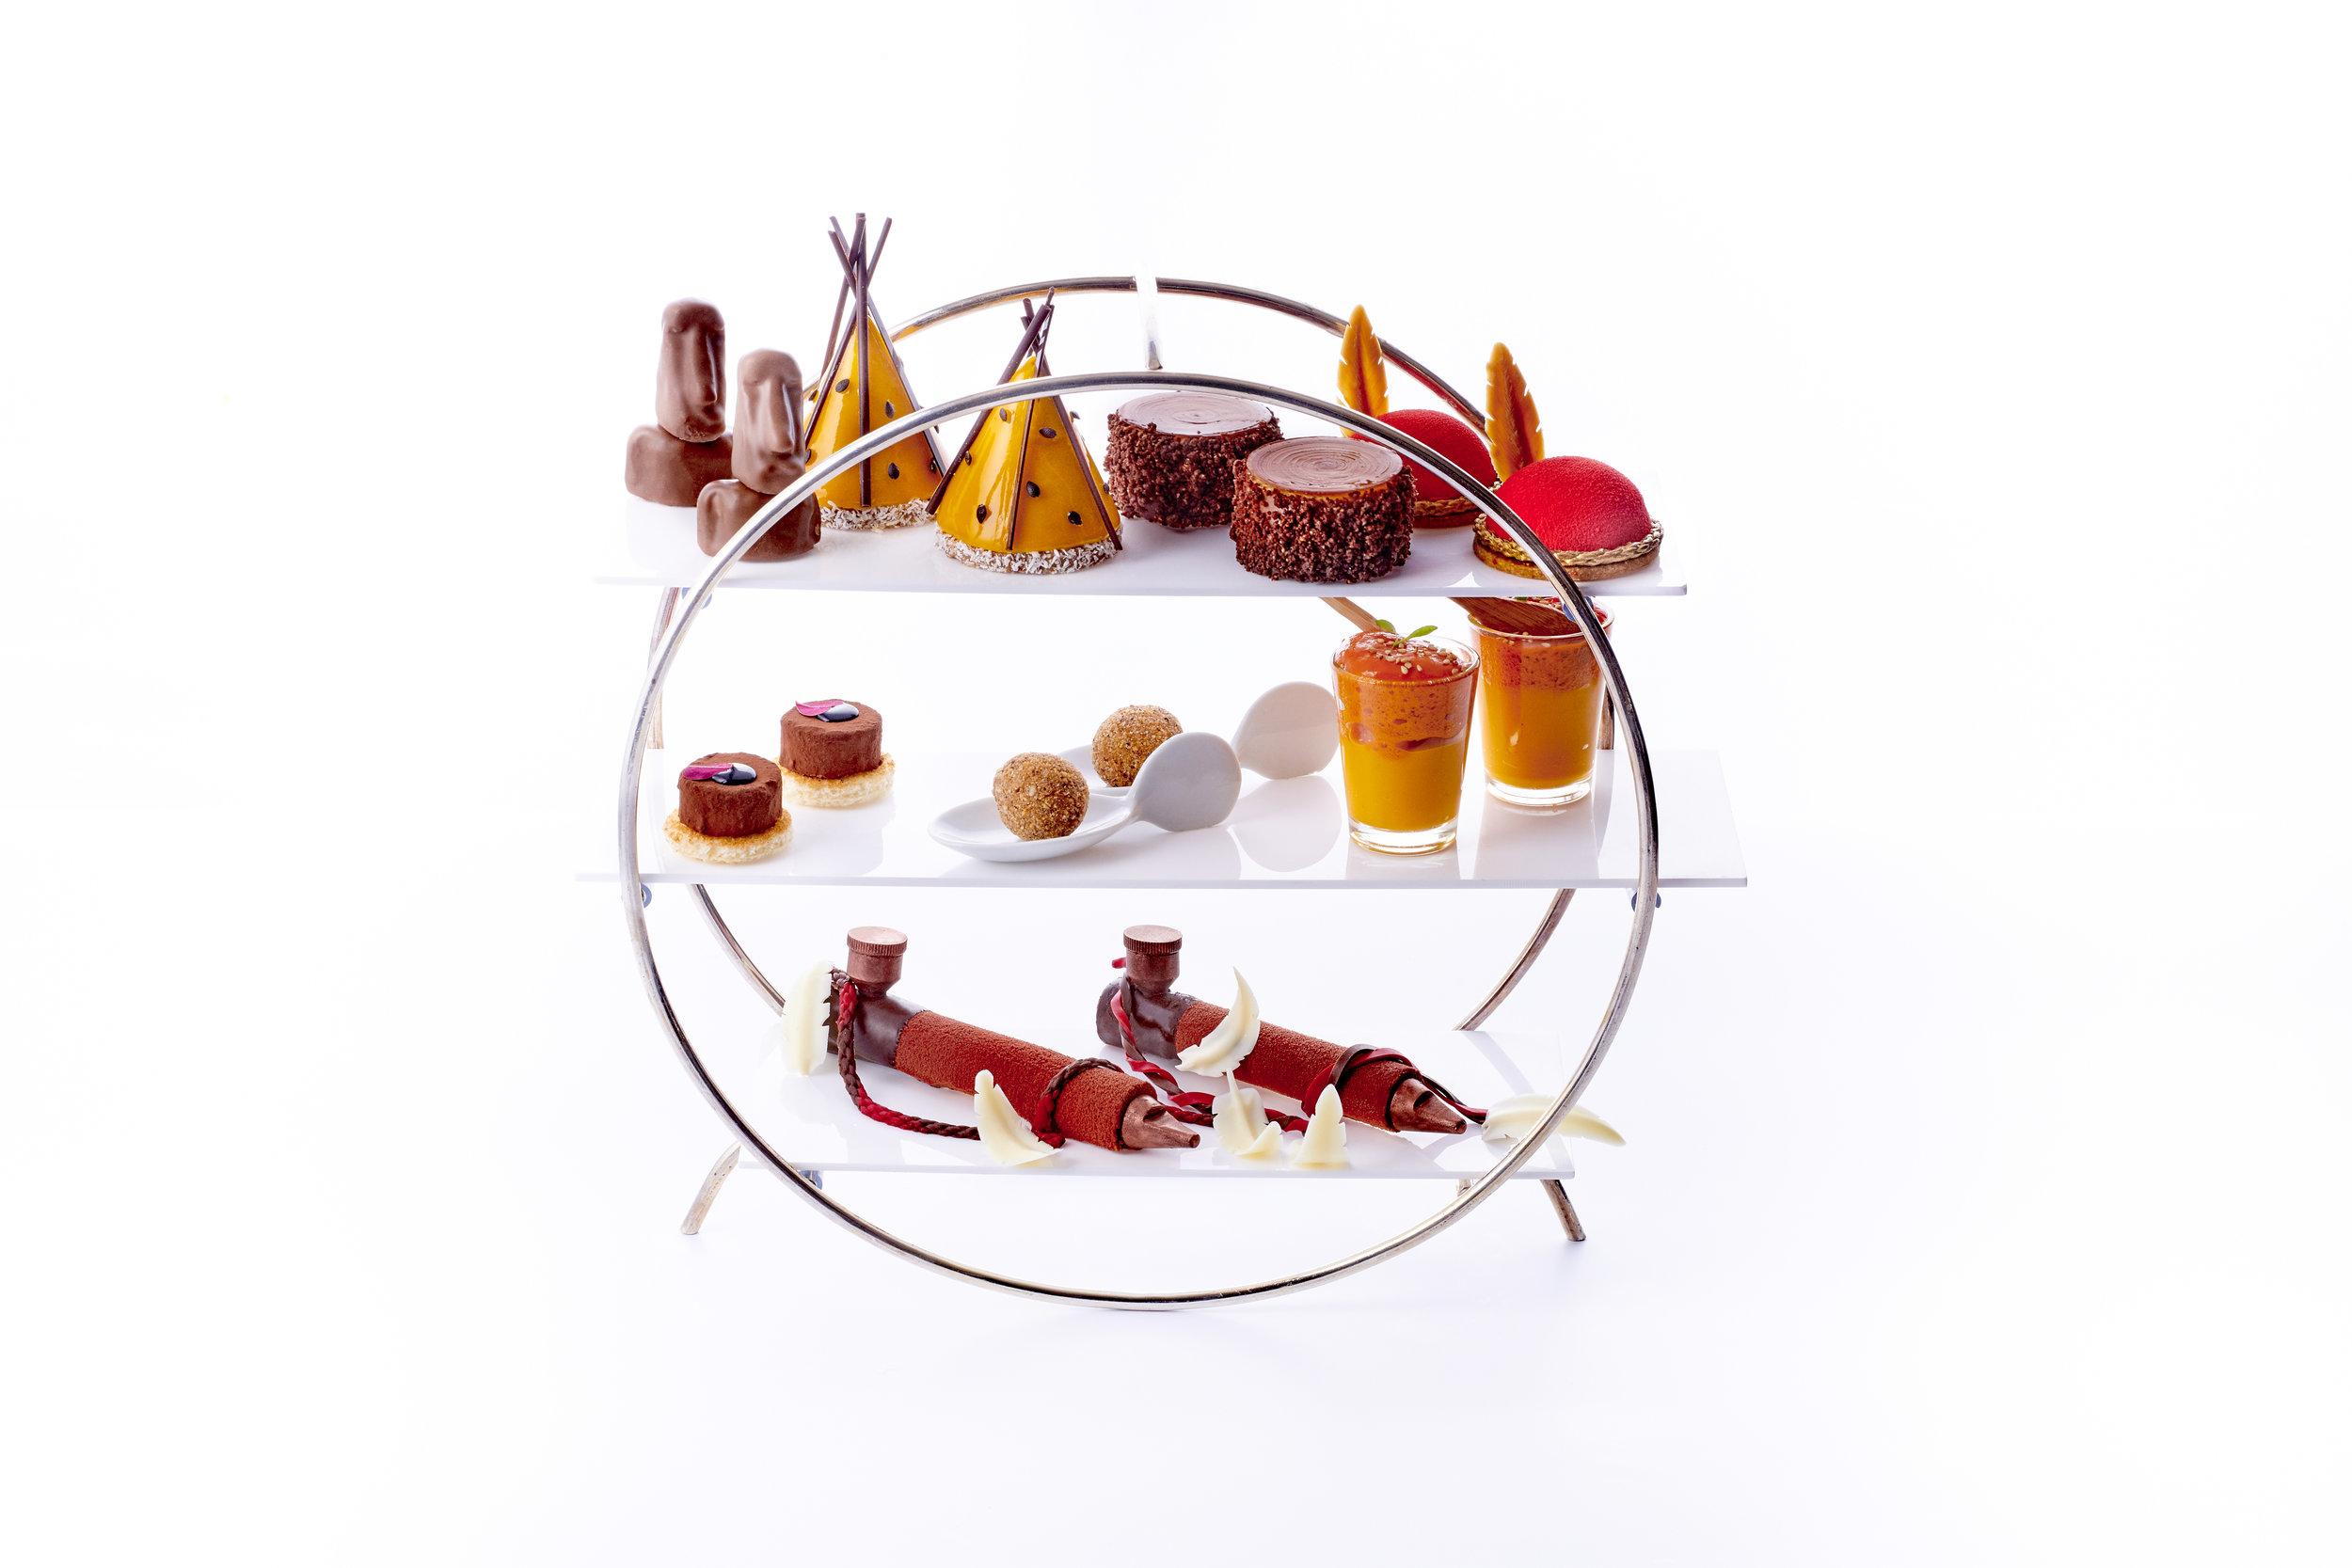 Easter Tea time by Jimmy Mornet - 5* Hotel Park Hyatt Paris-Vendôme